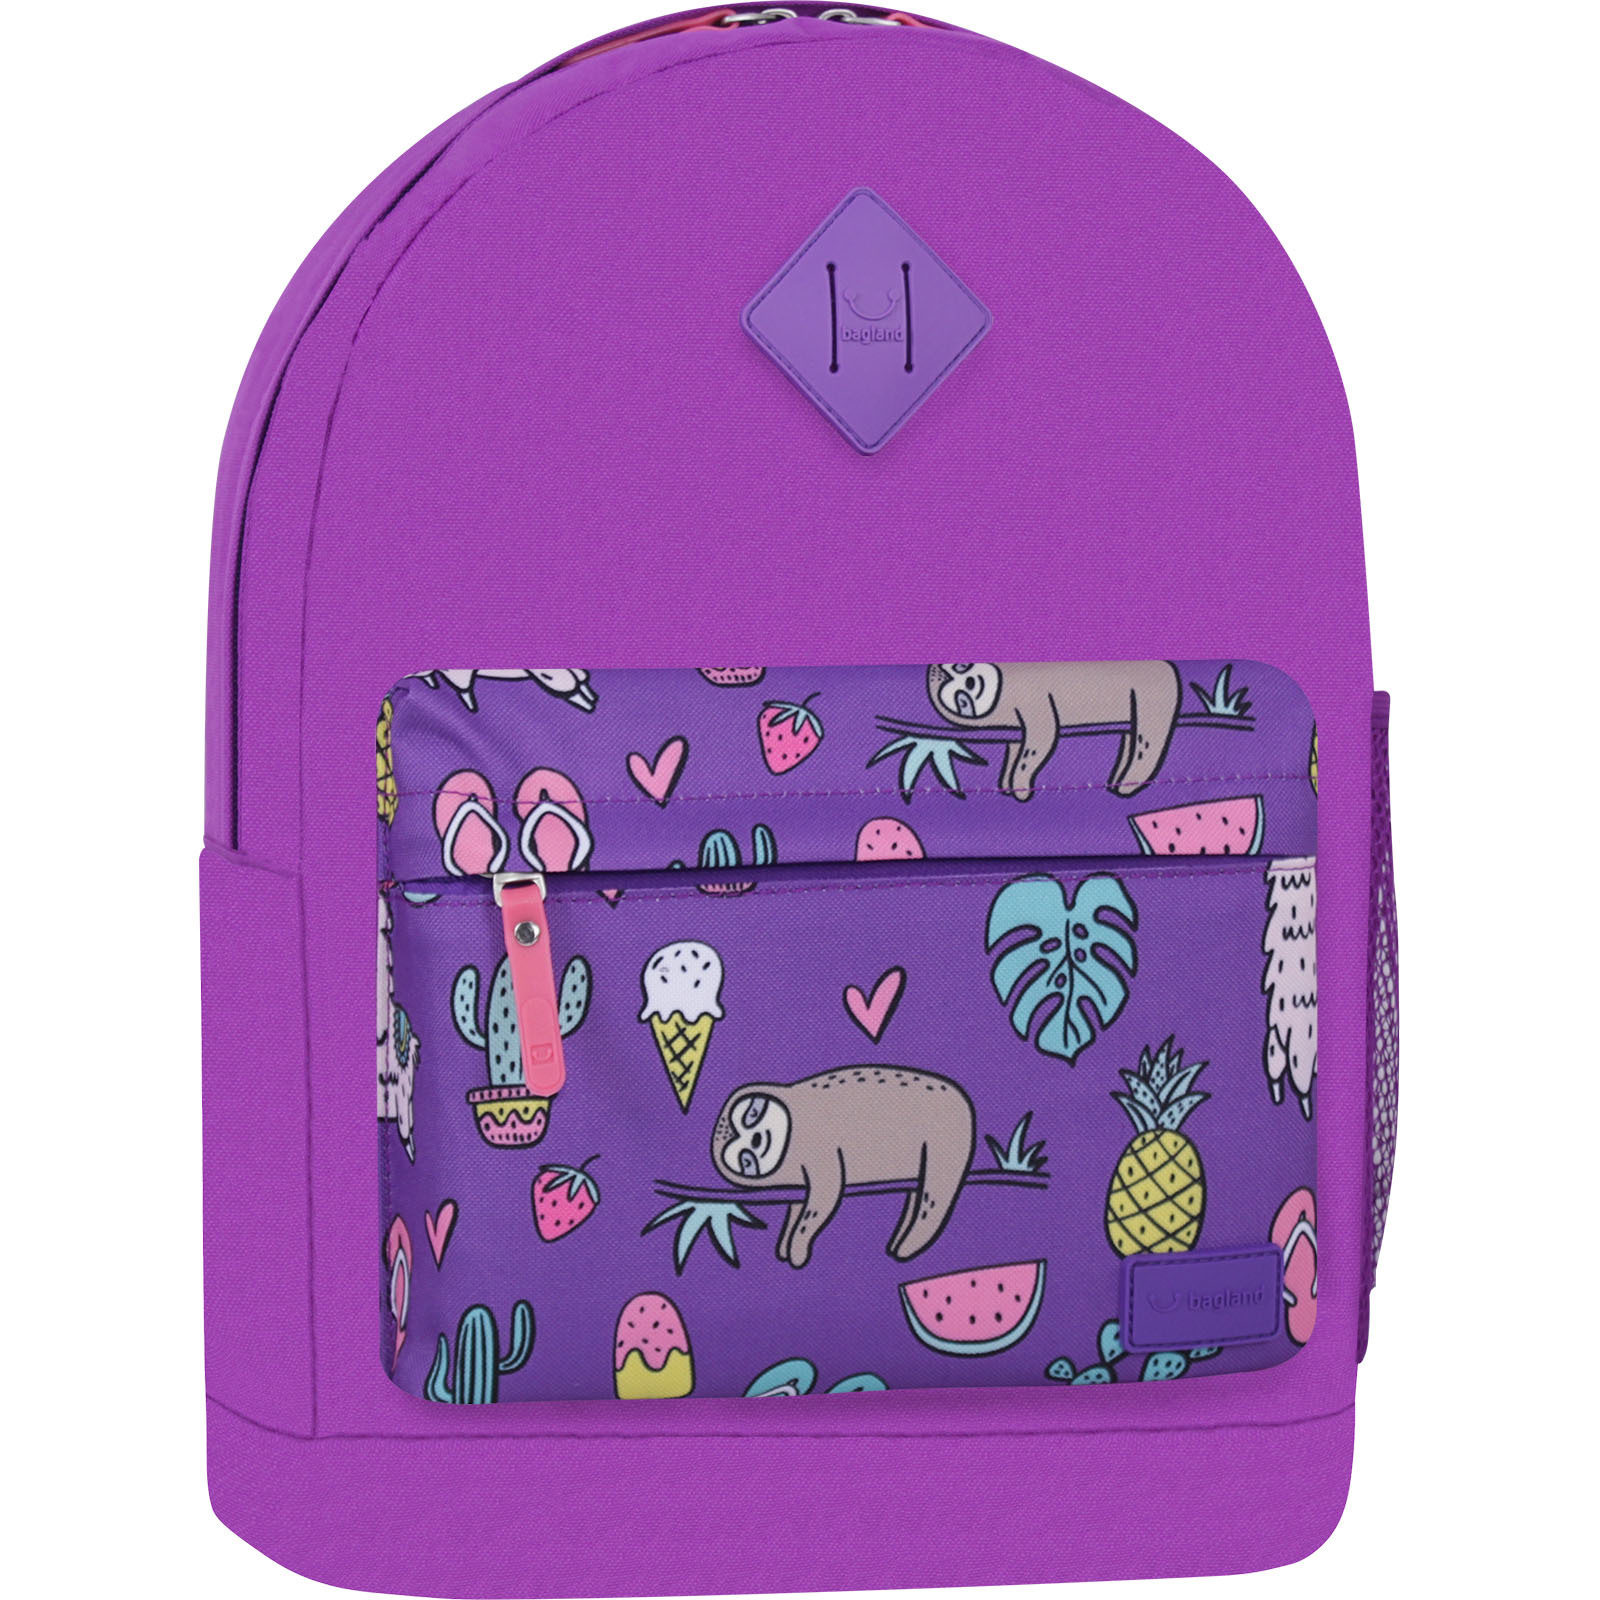 Городские рюкзаки Рюкзак Bagland Молодежный W/R 17 л. 339 Фиолетовый 770 (00533662) IMG_7357_суб770_-1600.jpg